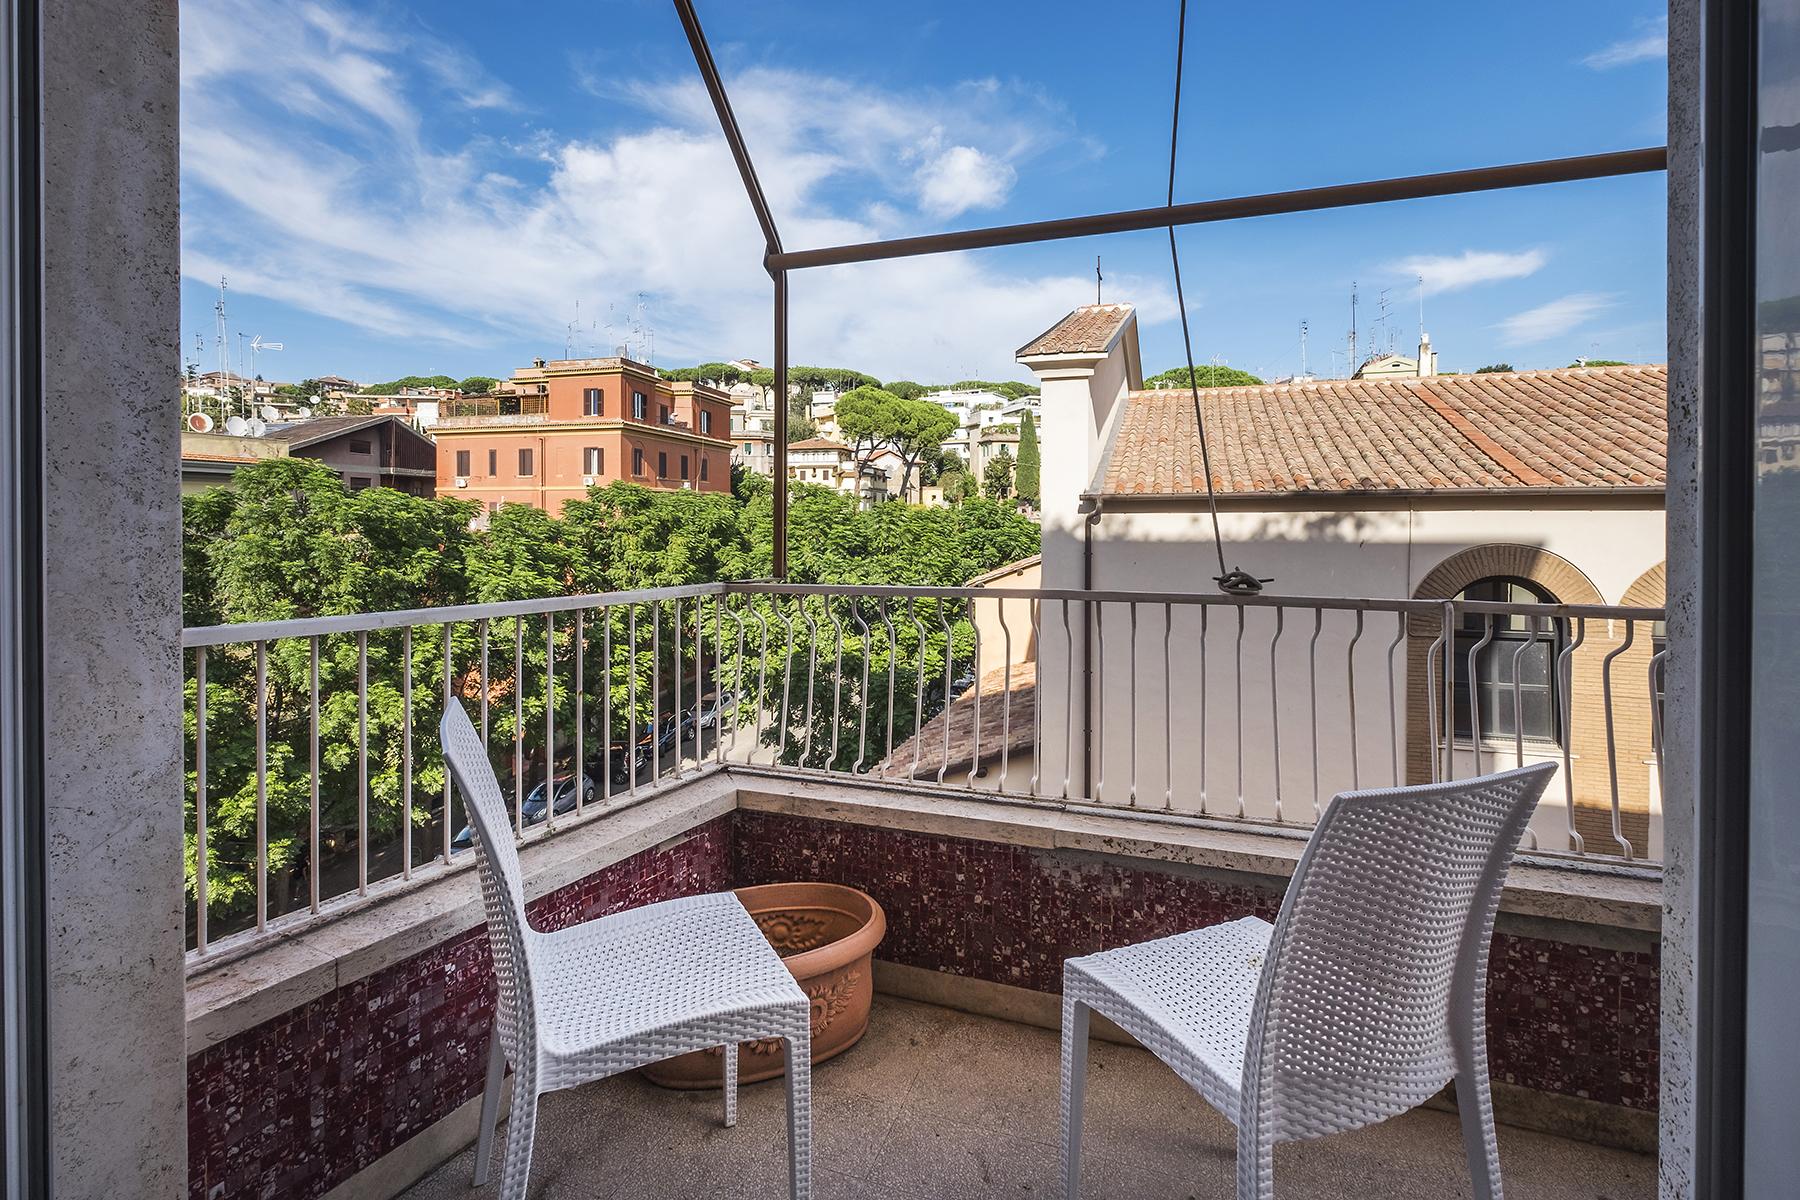 Appartamento in Vendita a Roma via duccio galimberti